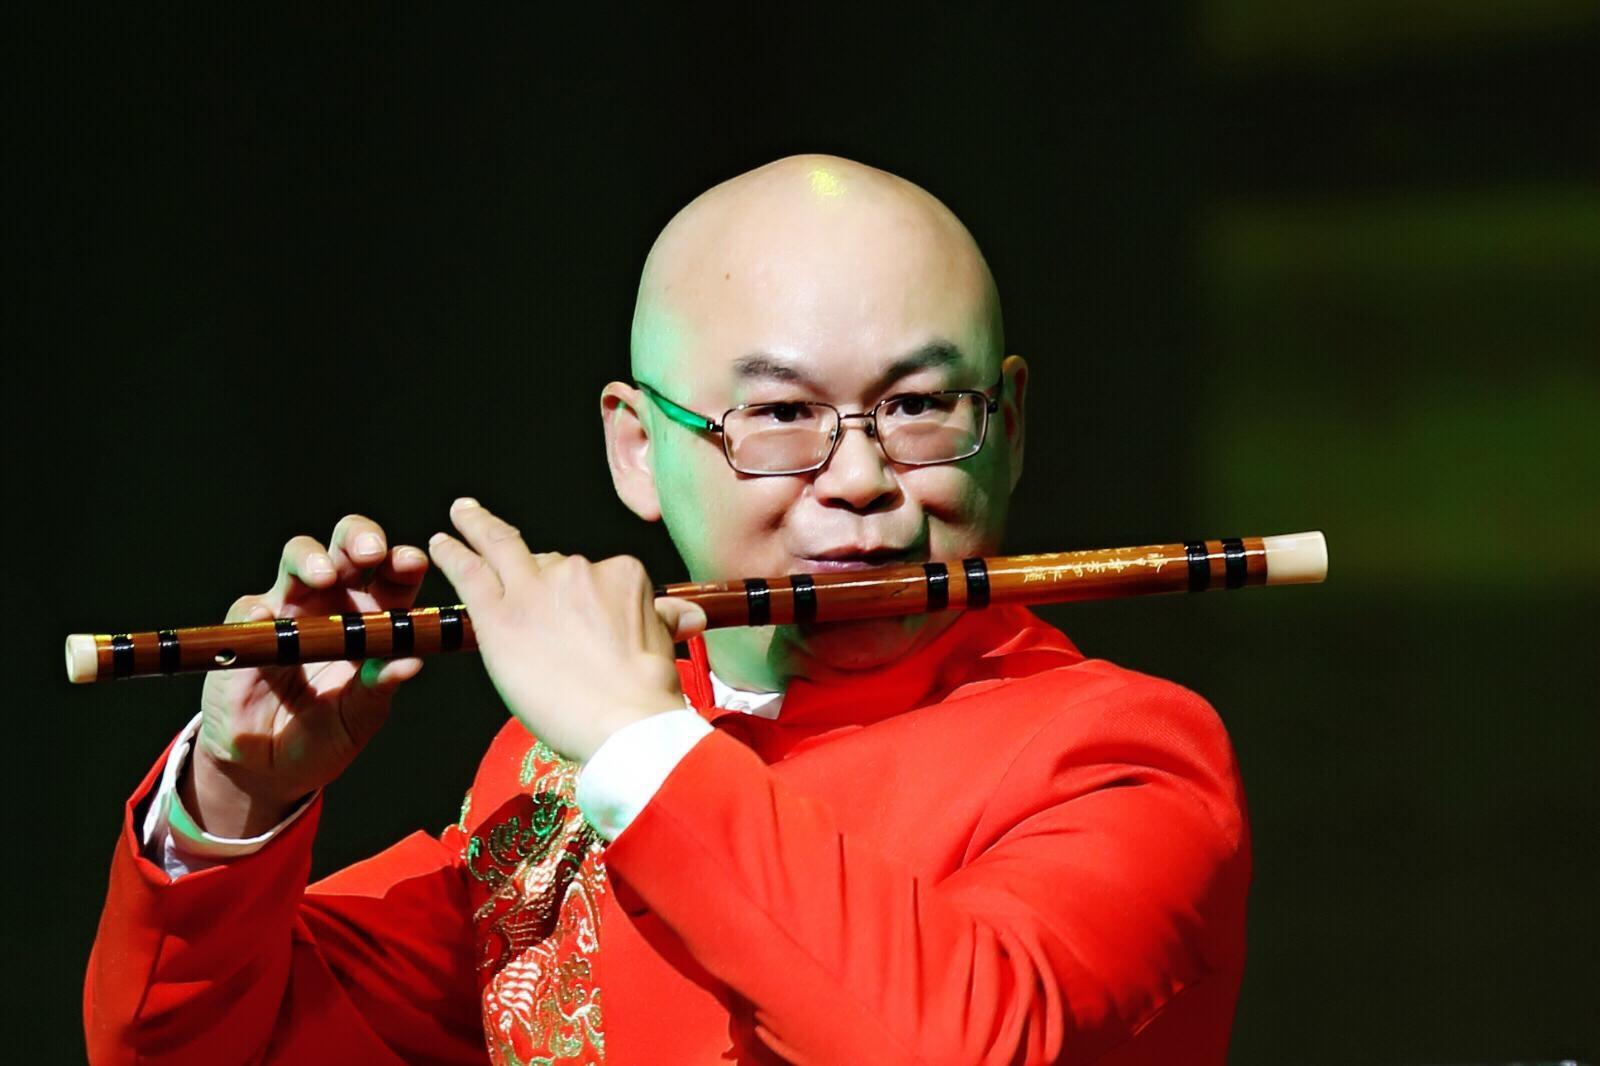 """树志明  上海越剧院红楼剧团二级笛子演奏员,兼演奏 长笛, 笙  1986年考入上海戏曲学校(现为上海戏剧学院)越剧音乐班。1988年毕业于上海戏曲学校越剧音乐班。1988年9月进入上海越剧院 青年剧团  1991年进入上海越剧院红楼剧团至2003年一直从事越剧音乐的演奏工作,先后录制过许多越剧唱片和越剧电视剧的音乐制作。参加演出的越剧剧目有 《 梁山伯与祝英台 》、《 西厢记 》、《 红楼梦 》、《 祥林嫂 》 《 孔雀东南飞 》、《 西园记 》《莲花女传奇》《 玉簪记 》、《 真假驸马 》、《花中君子》、《 状元打更 》《 舞台姐妹 》《 梅龙镇 》《 玉簪记 》、《 女皇与公主 》、《 孟丽君 》《莲花女传奇》《 紫玉钗 》《 李娃传 》,《 断指记 》《 风雪渔樵 》。曾出访演出香港,台湾,新加坡,泰国等国家和地区。  为 上海大剧院 度身定制的新版《红楼梦》并担任乐队队长,被评为""""展示上海文化风采的标志之作"""",荣获上海市国庆50周年献礼剧目""""优秀剧目奖""""。  2016年受邀参加好莱坞STUDIO录音【hurry home】的制作。  曾参加梅拉诺文化演艺公司举办的 【花好月圆庆中秋】 和【 我们的年代 戏曲名家和那个年代的歌 】【花好月圆 ii 】【国乐盛典春雷动地】、【春之声】、【鹰飞龙腾新年新春】的大型演出活动。"""